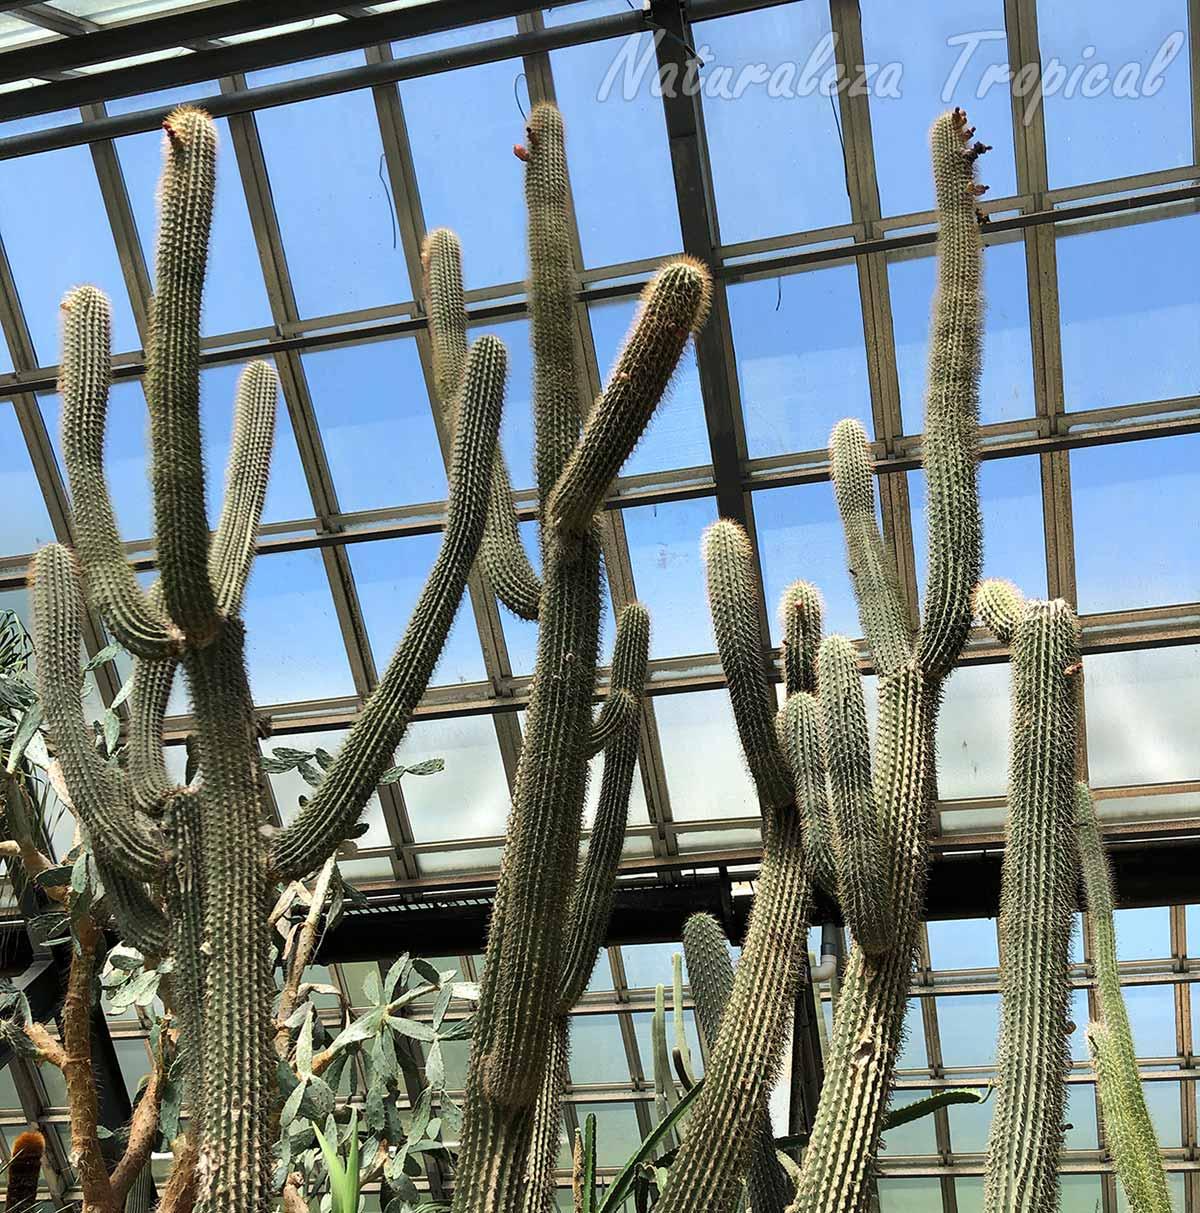 Vista del cactus Neobuxbaumia scoparia y su porte de candelabro